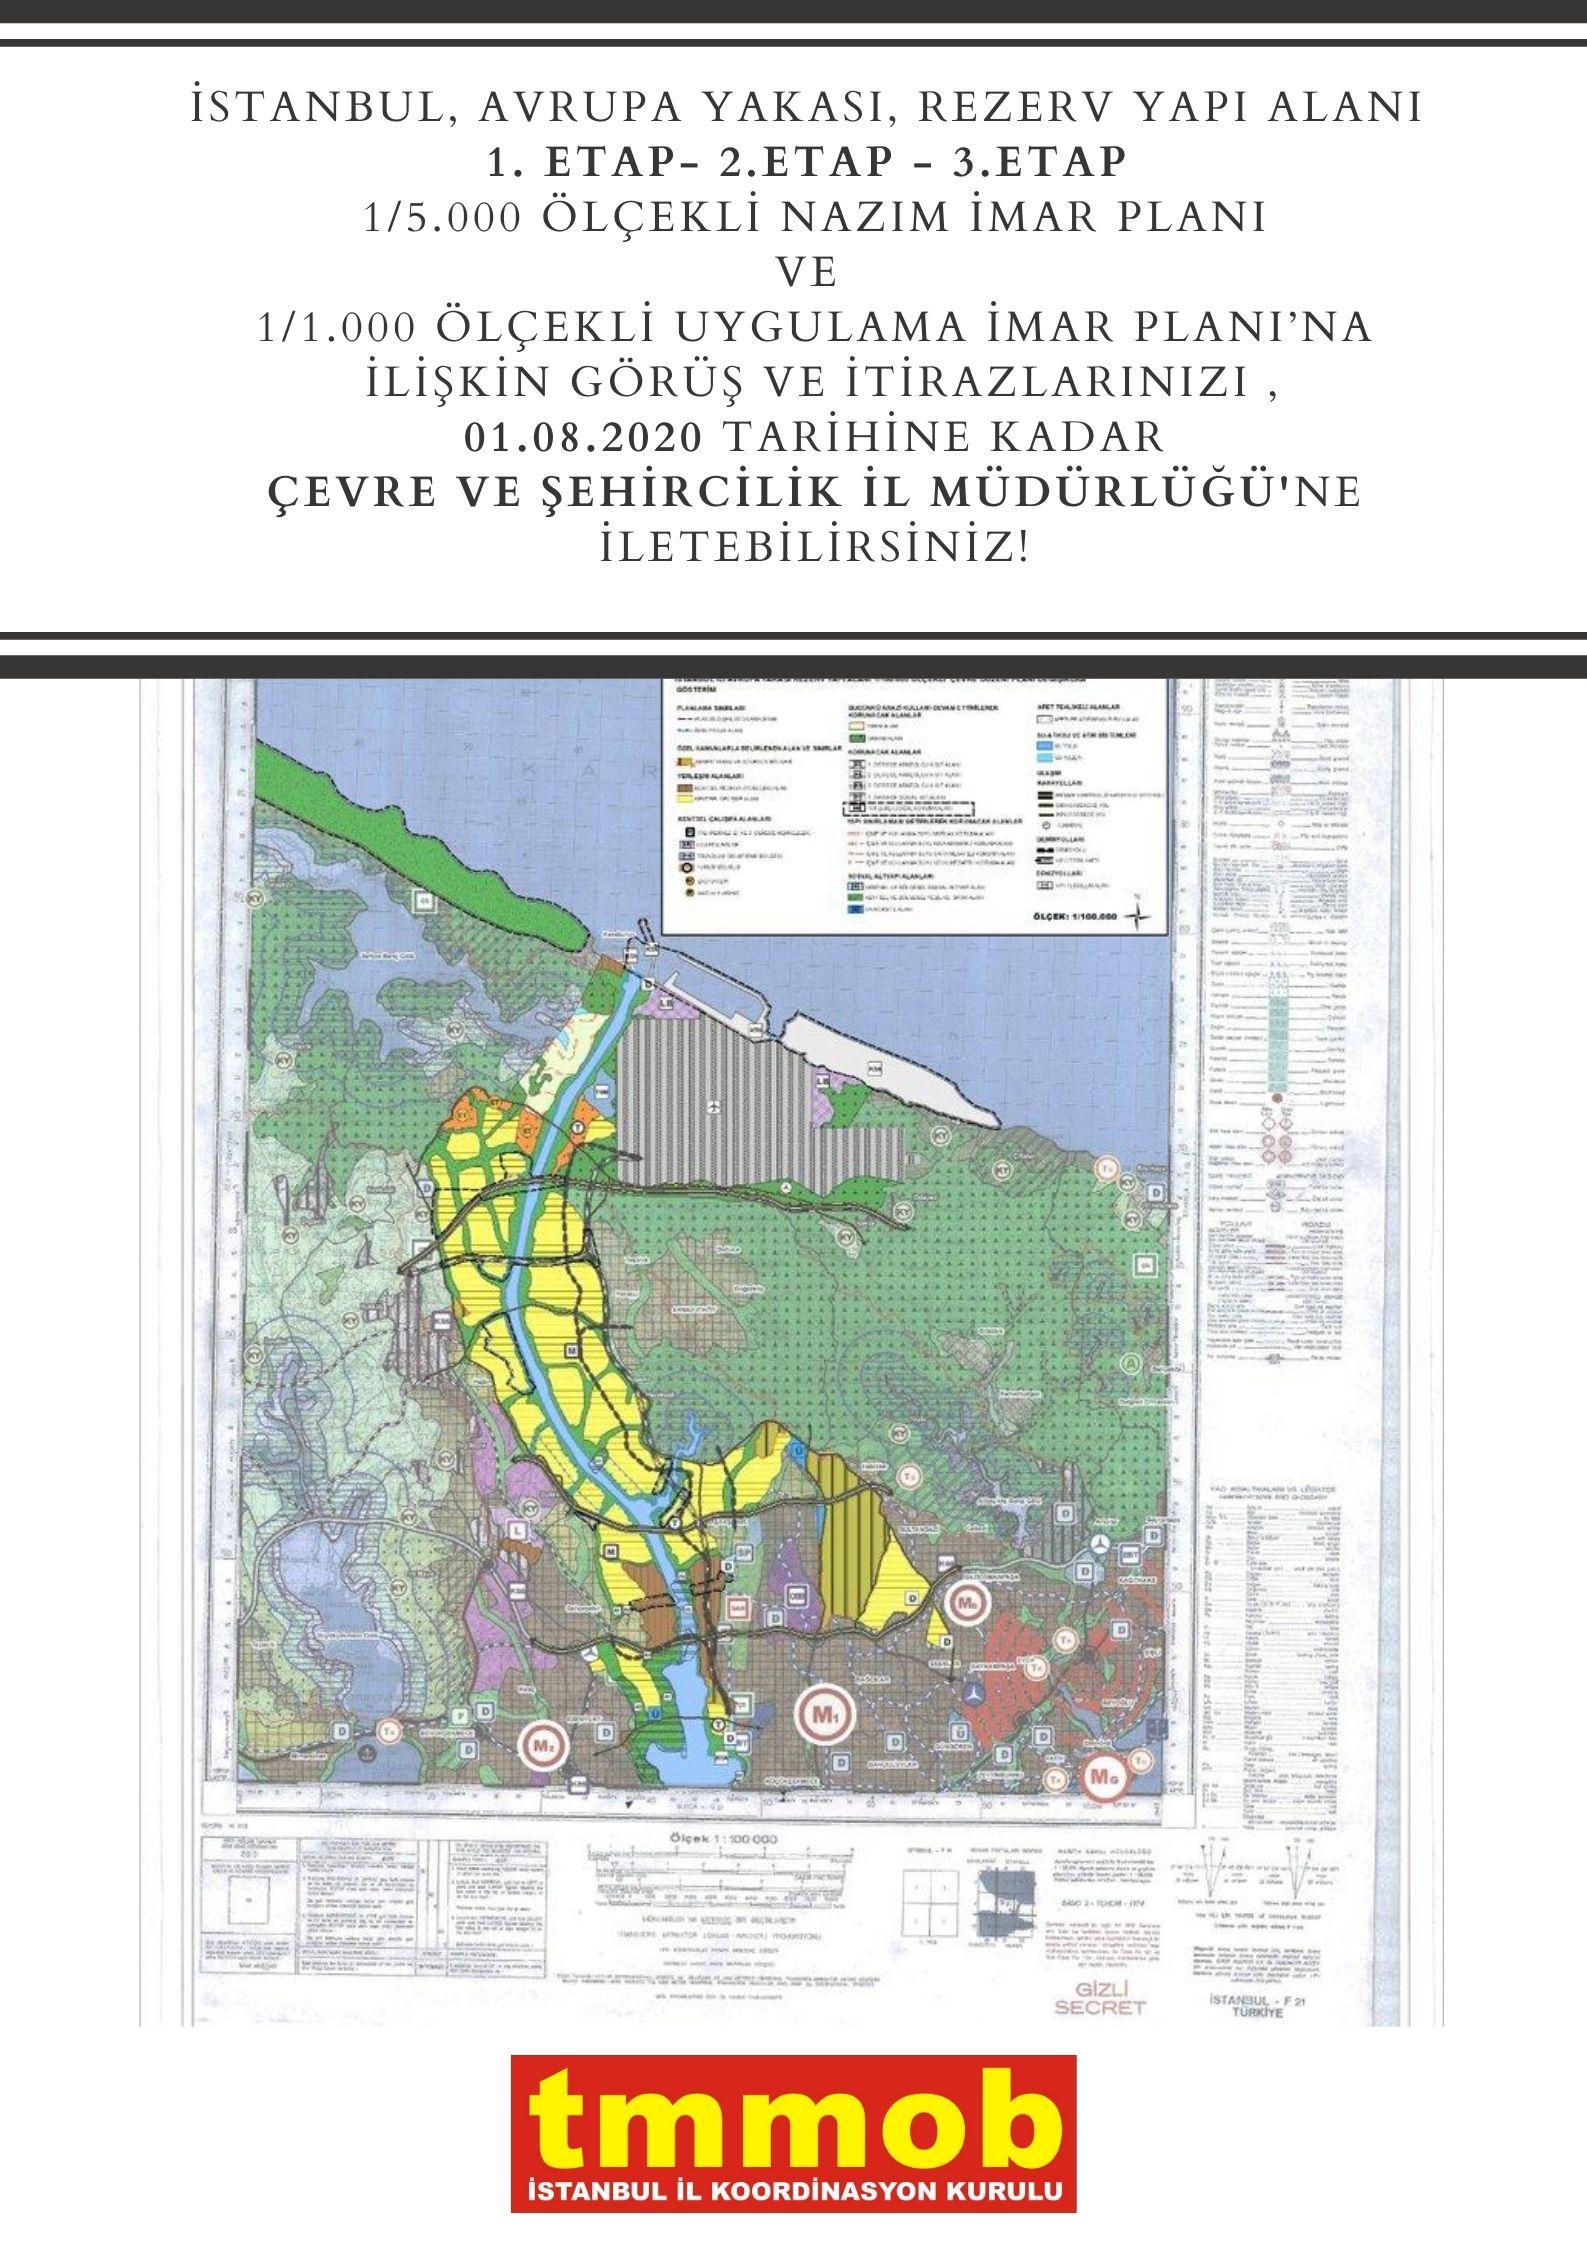 İstanbul, Avrupa Yakası, Rezerv Yapı Alanı 1. Etap- 2.etap - 3.etap 1/5.000 ölçekli Nazım İmar Planı ve 1/1.000 Ölçekli Uygulama İmar Planı'na ilişkin itiraz dilekçeleri